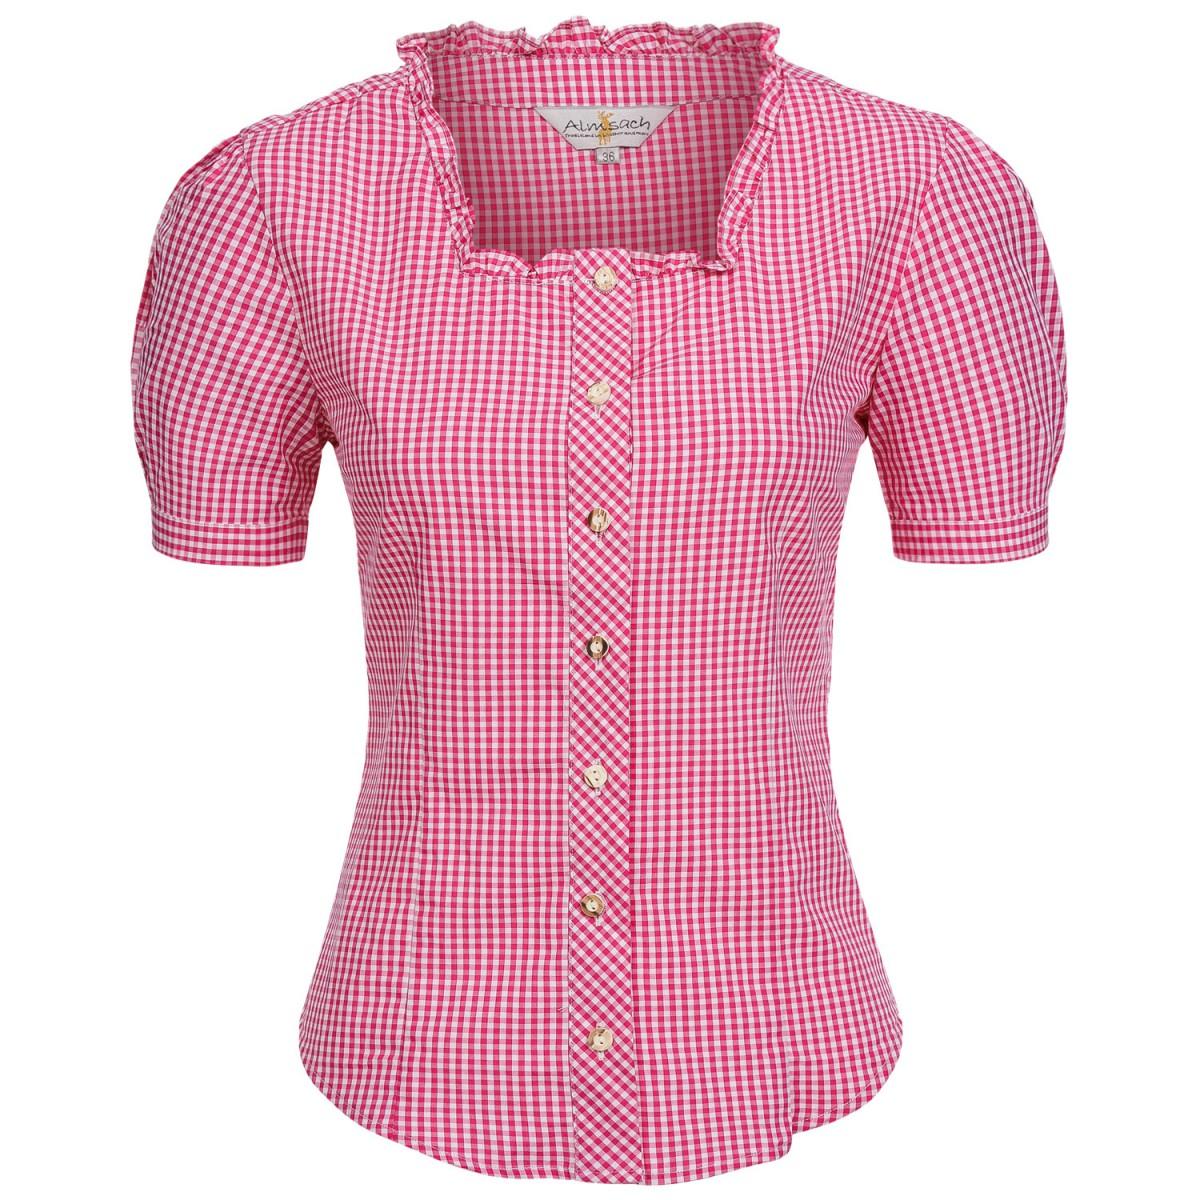 Trachtenbluse Kate in Pink von Almsach günstig online kaufen